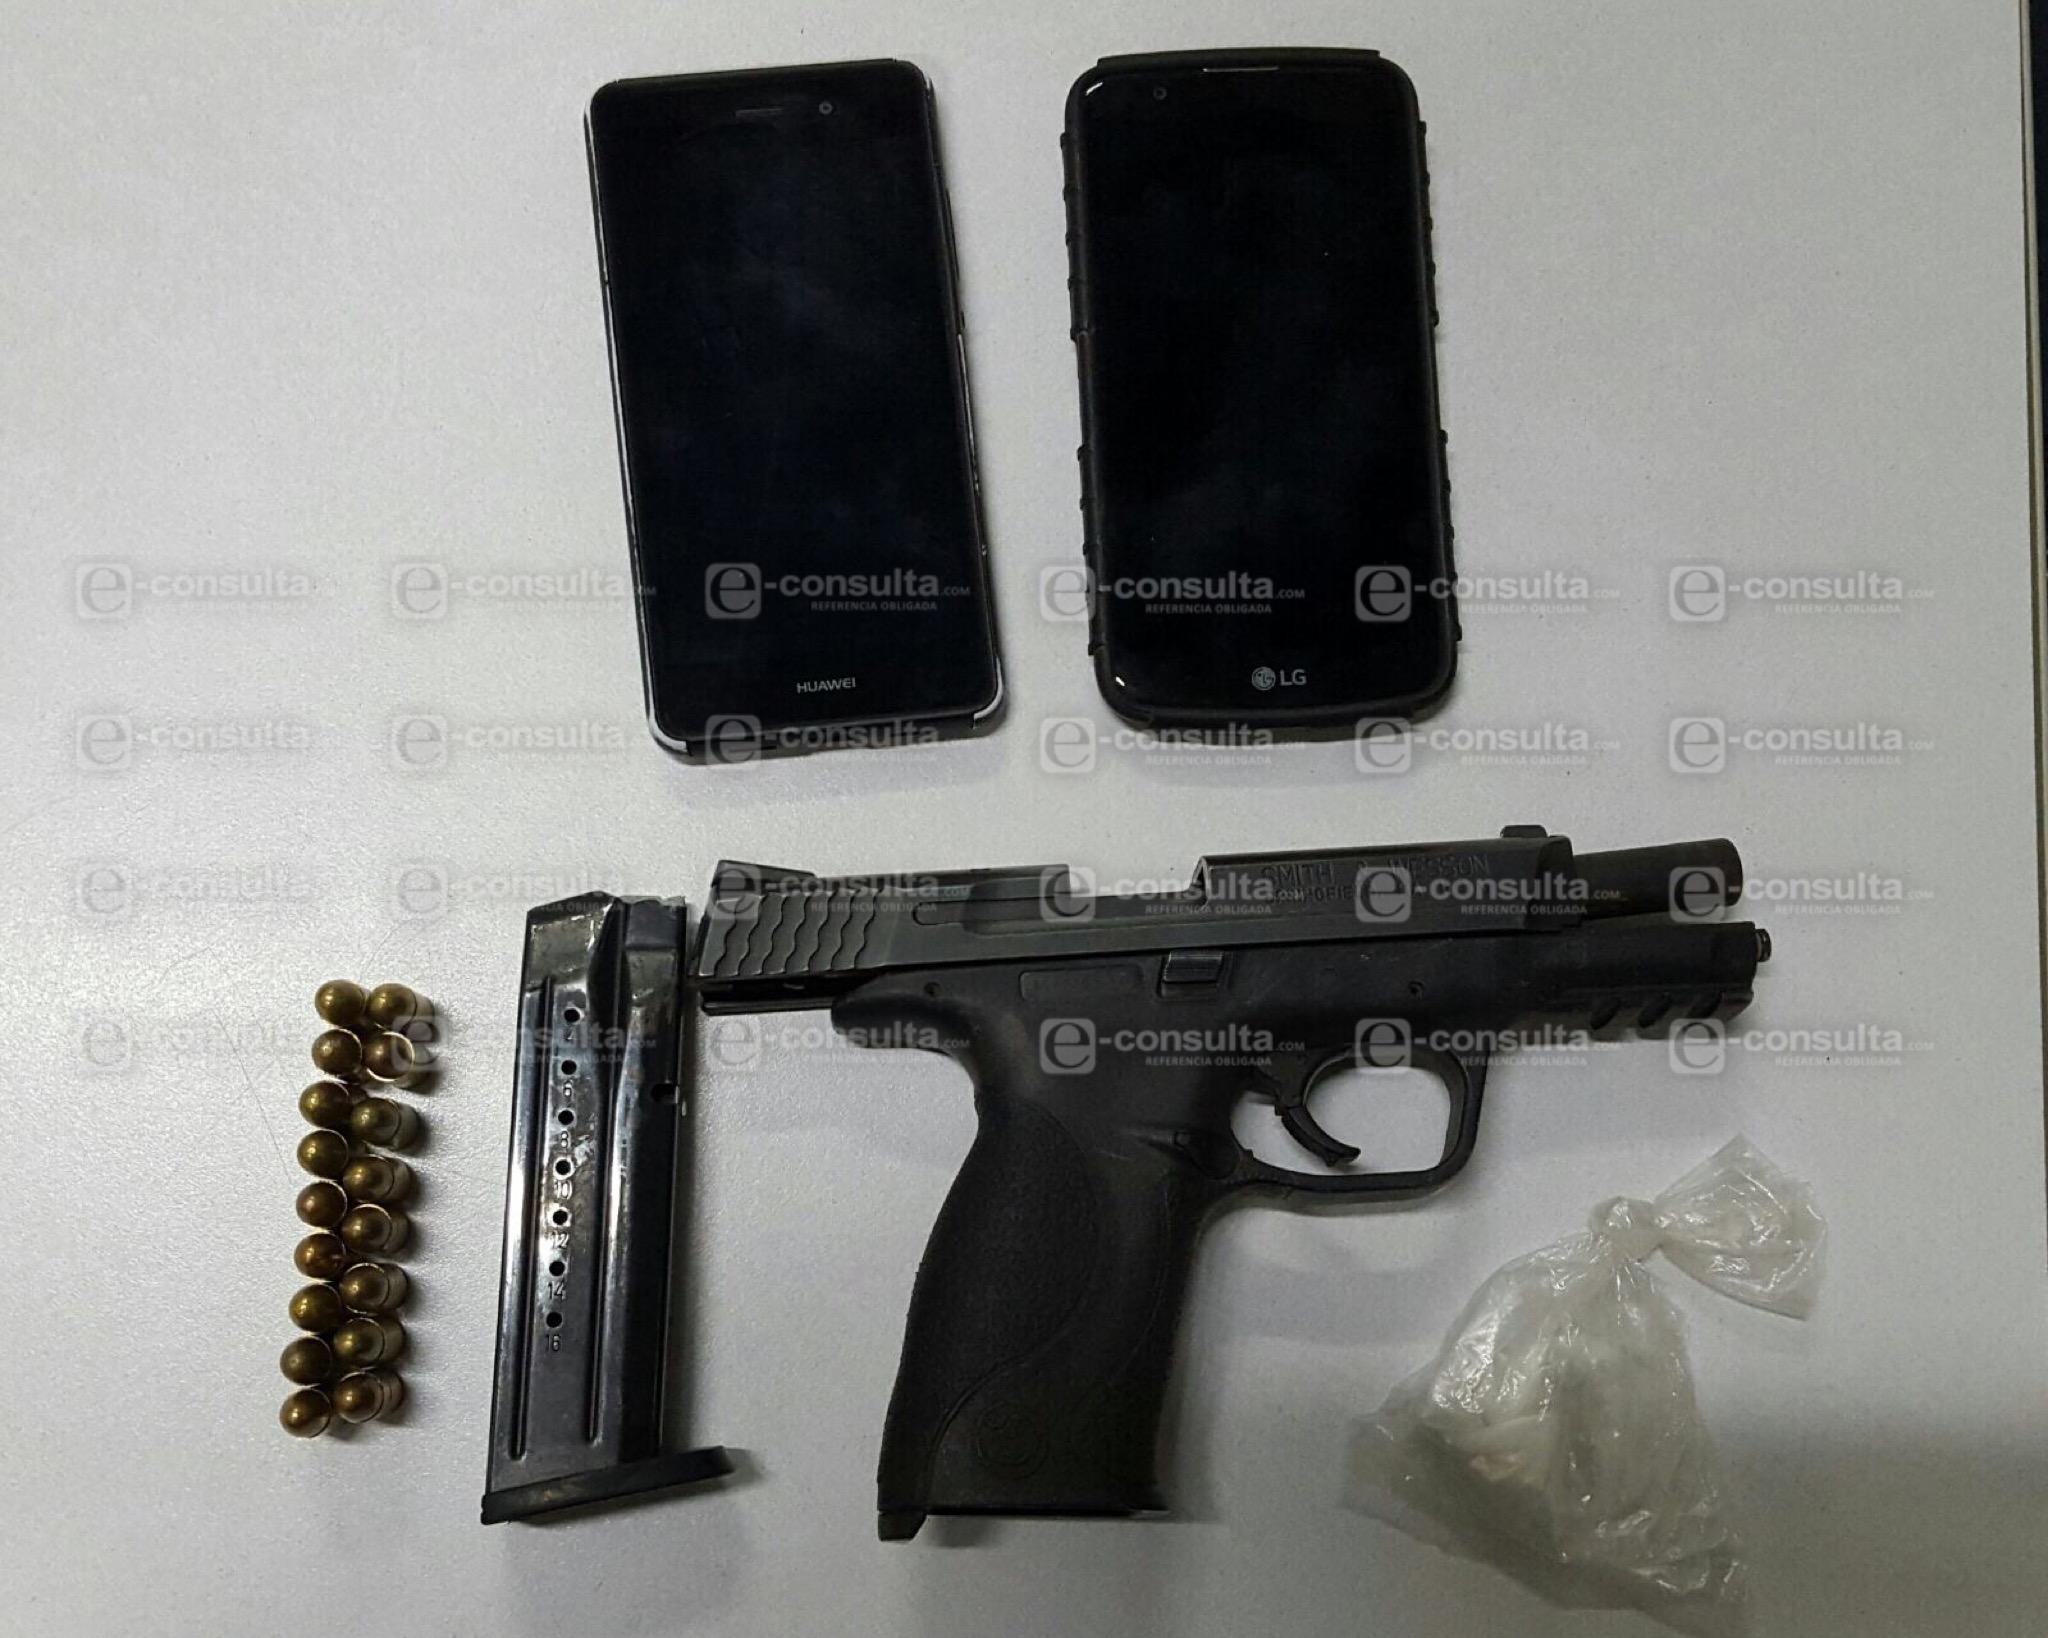 Lo detienen con coca na un arma y 34 mil pesos sobre la for Interior y policia consulta de arma